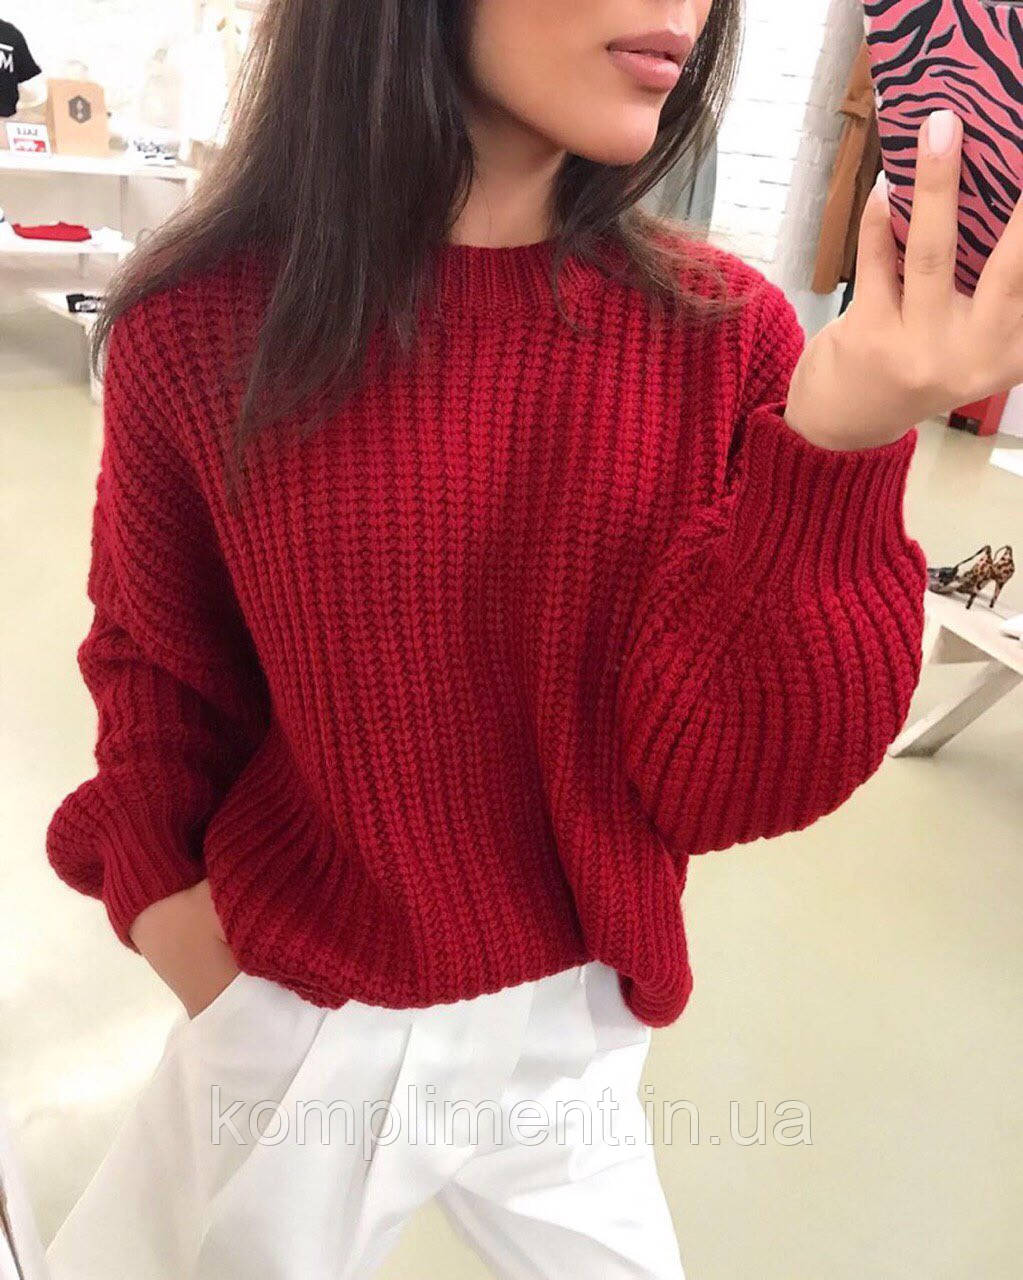 Женский теплый вязаный свитер без горла. BK - 29